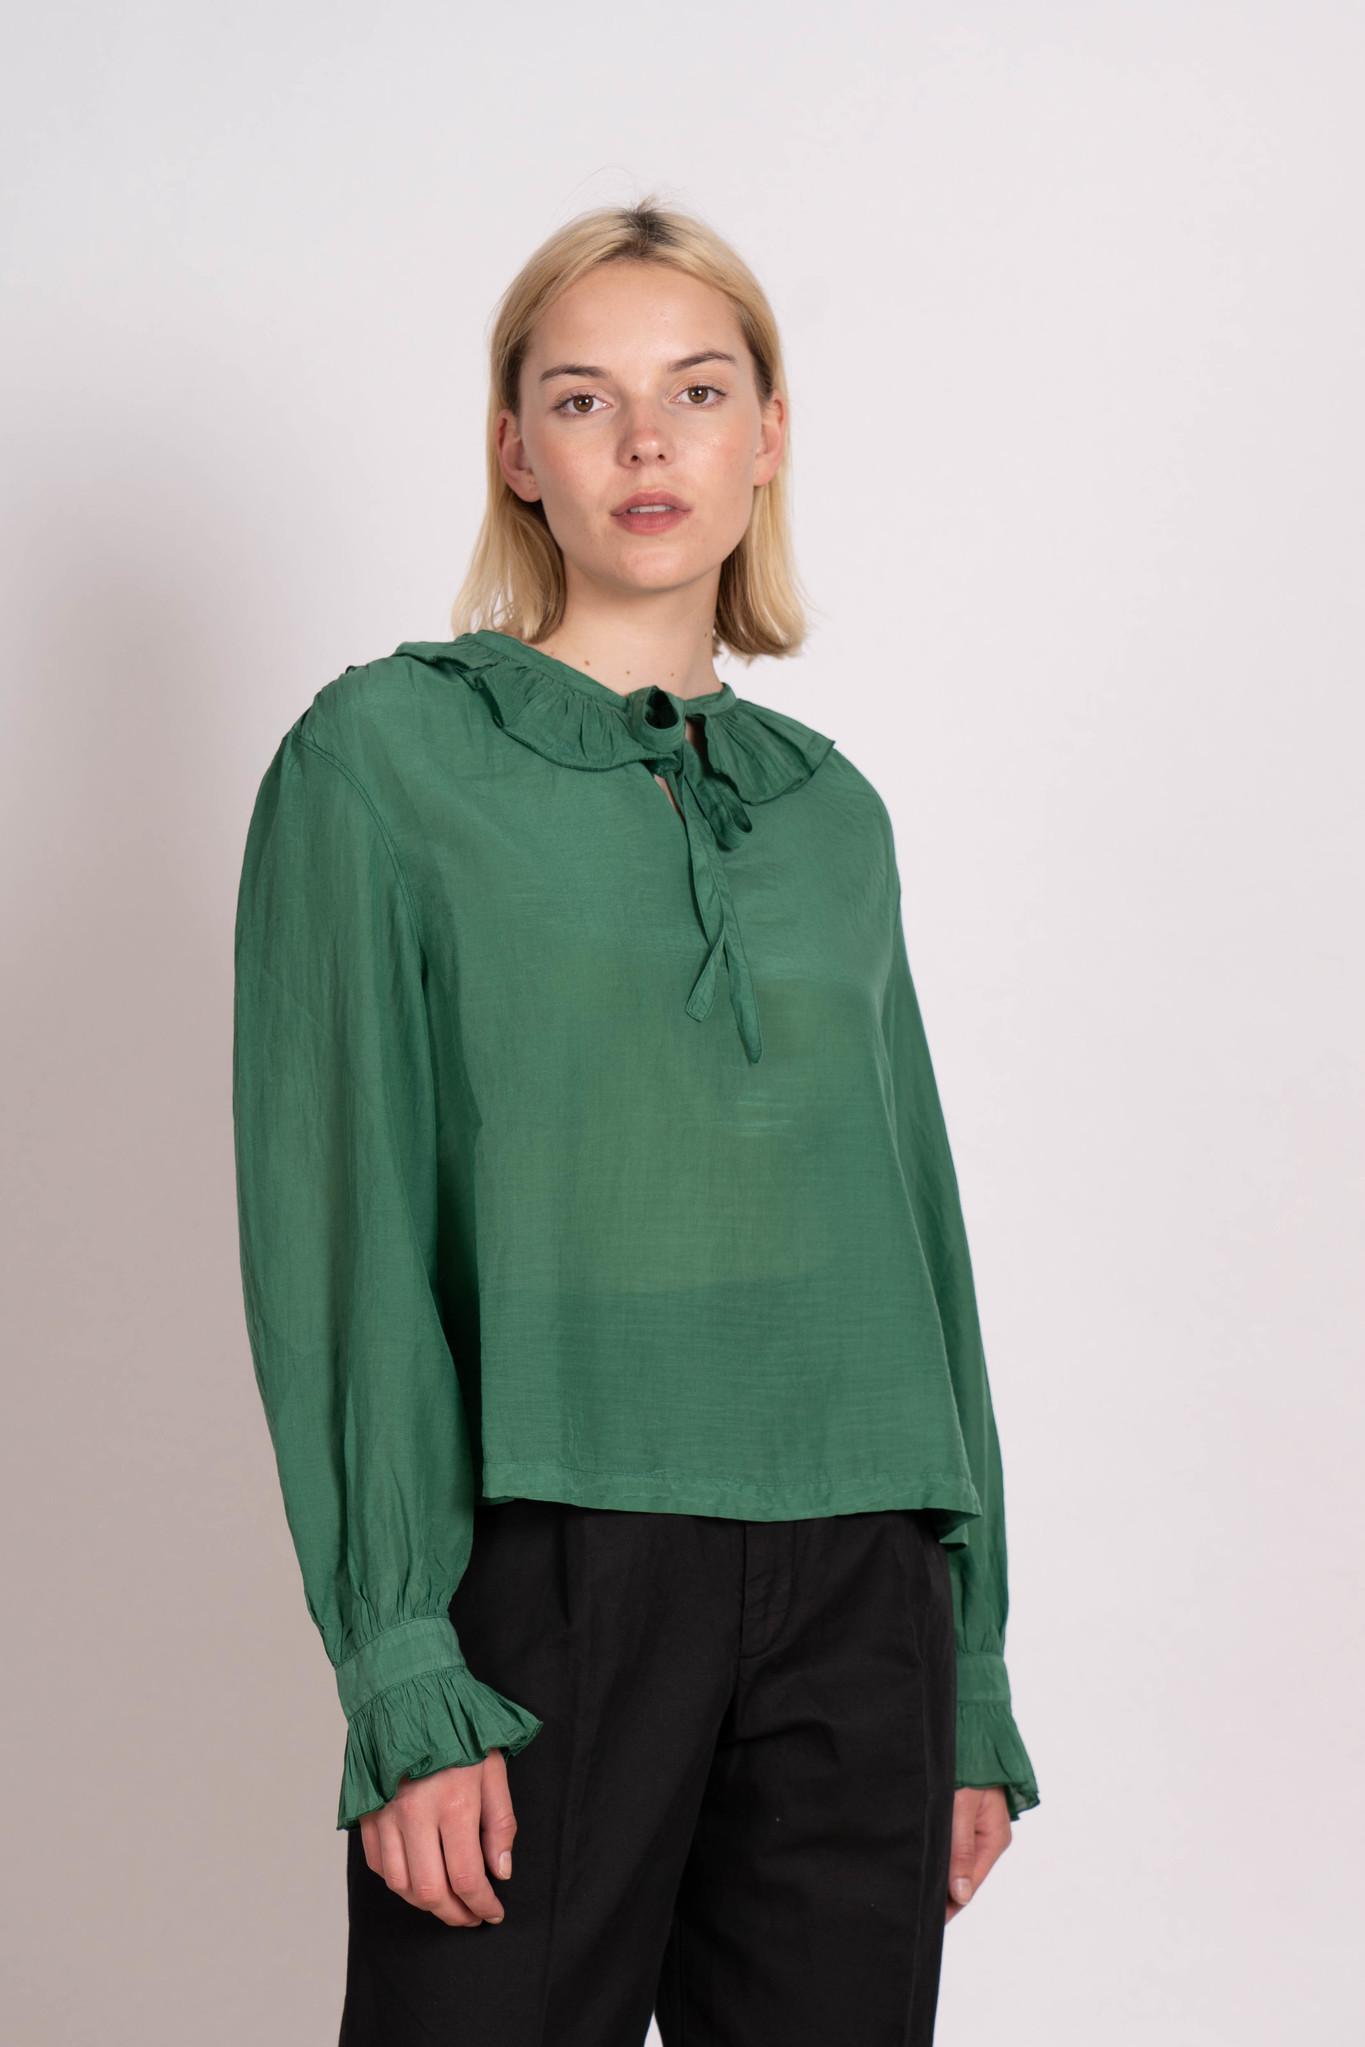 Ruffle Collar Blouse Green